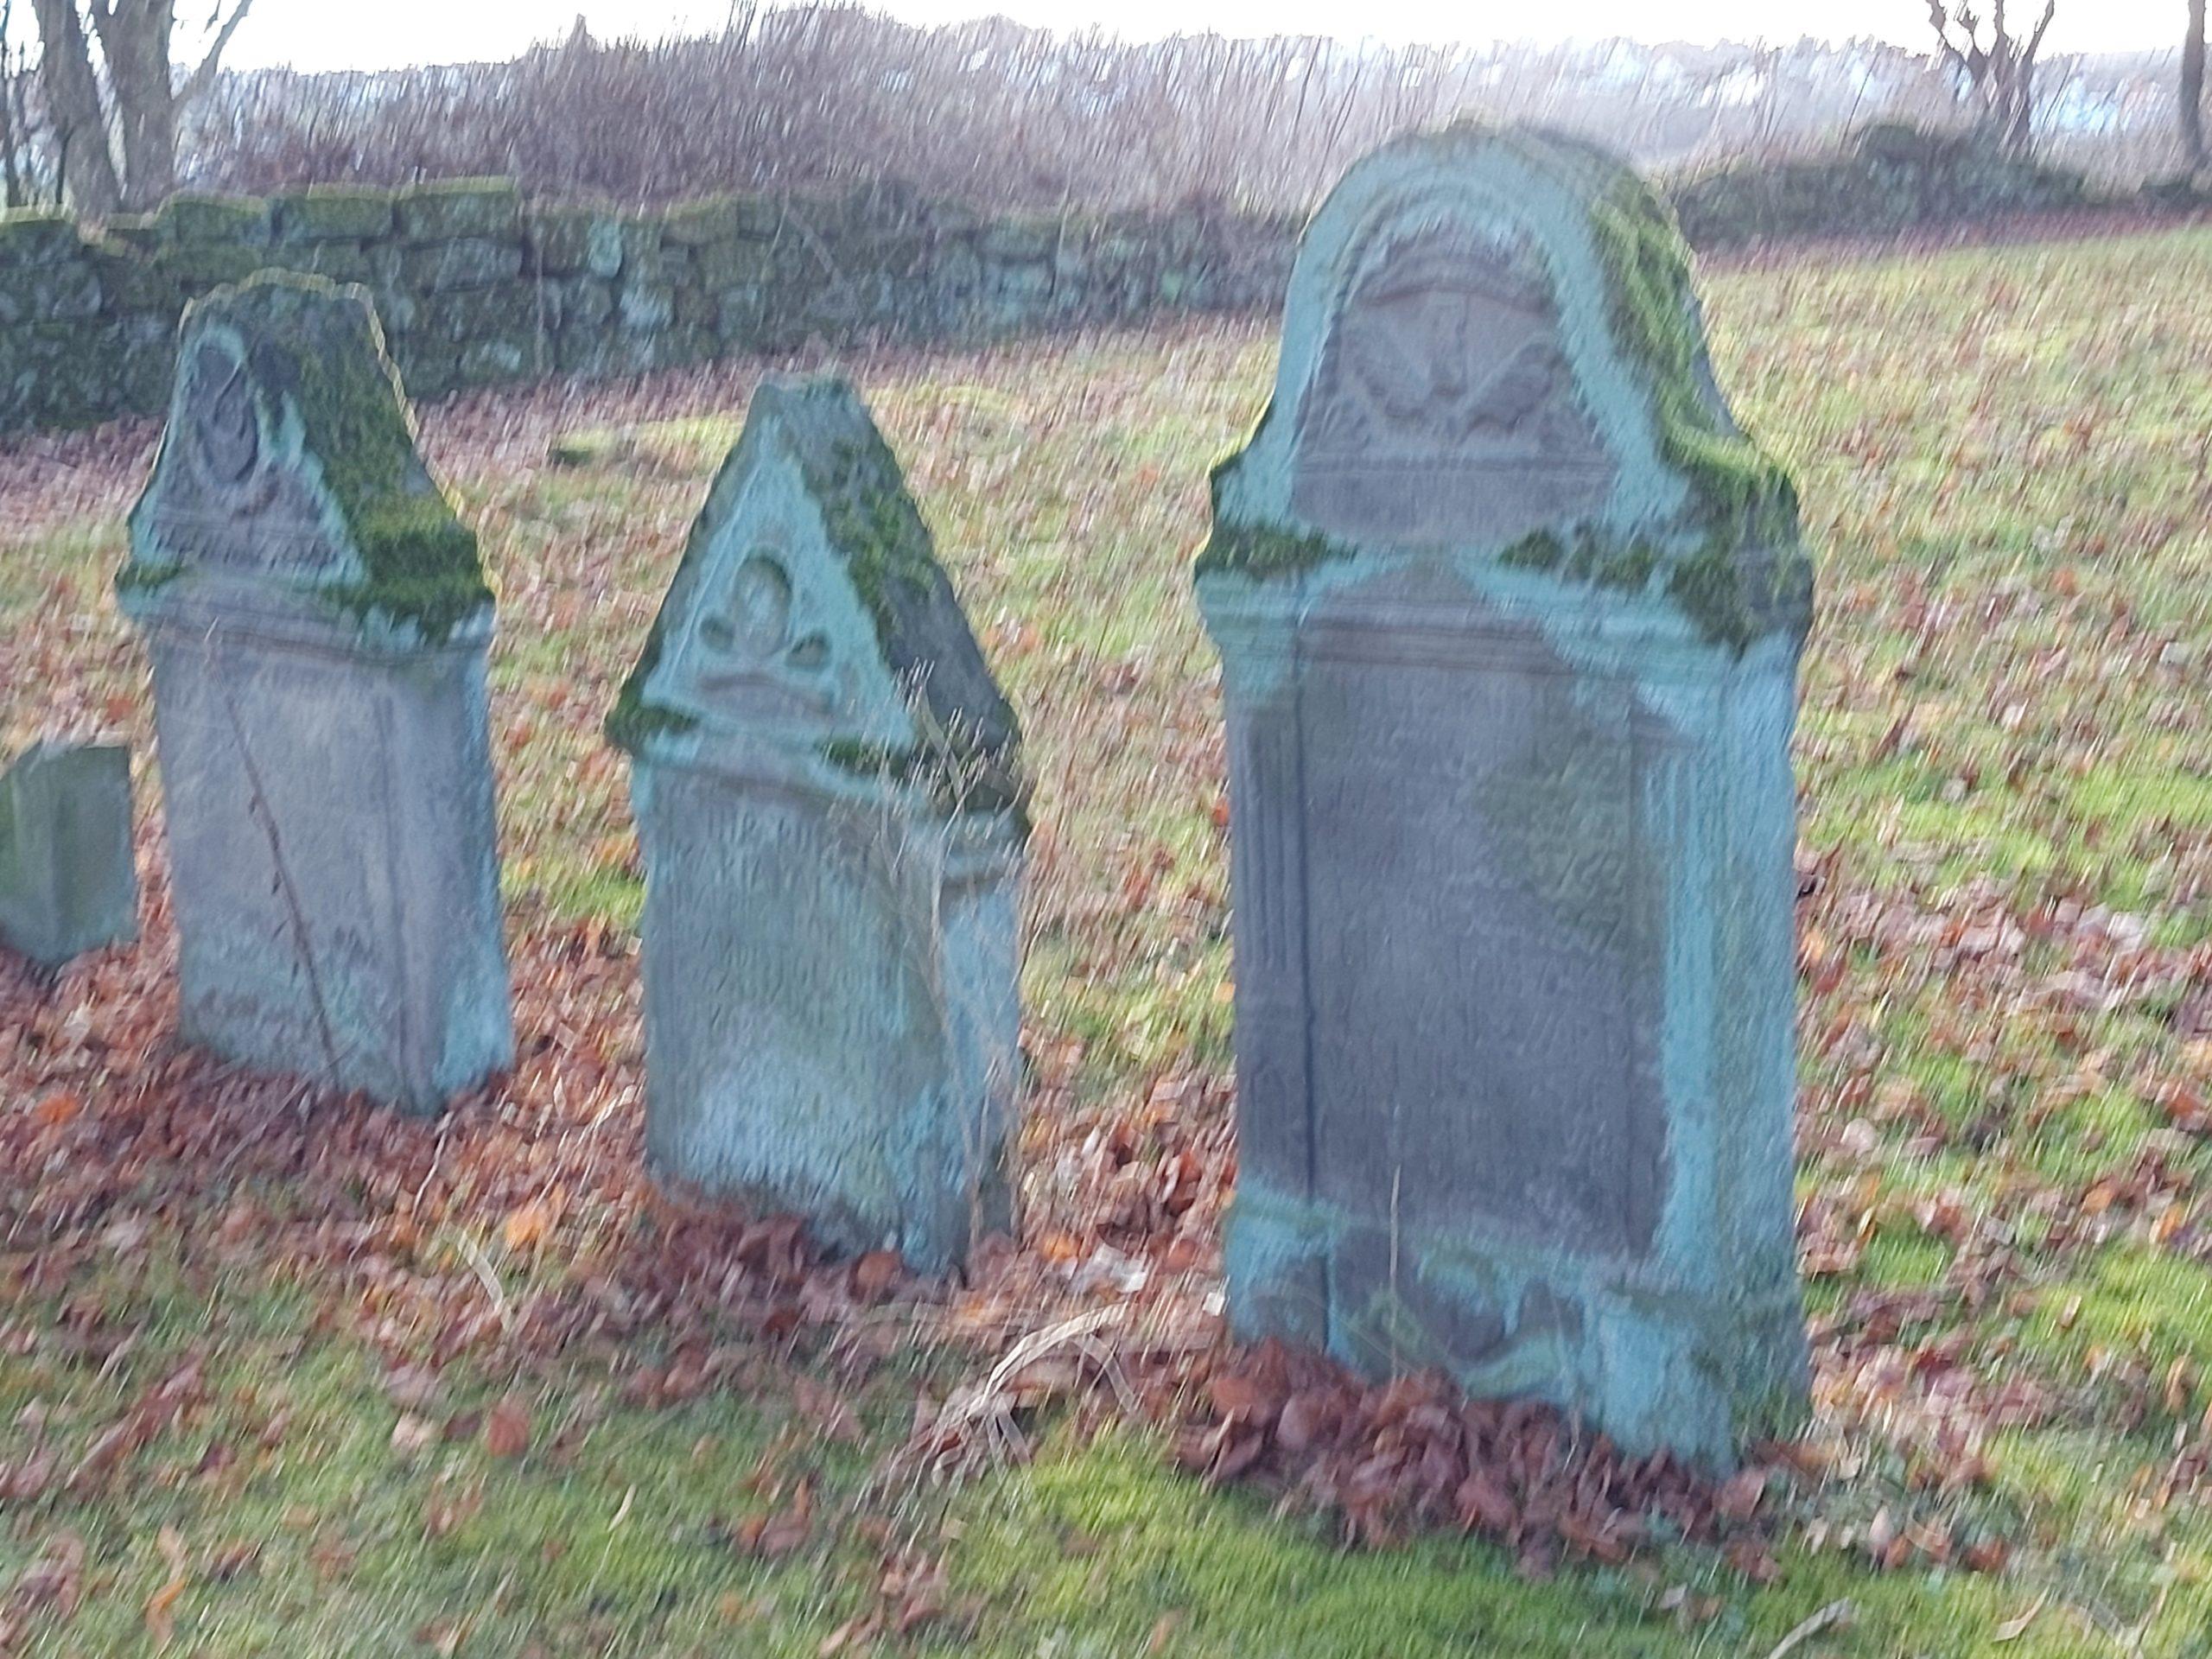 Grabsteine auf dem Friedhof von Alt-Rhoden